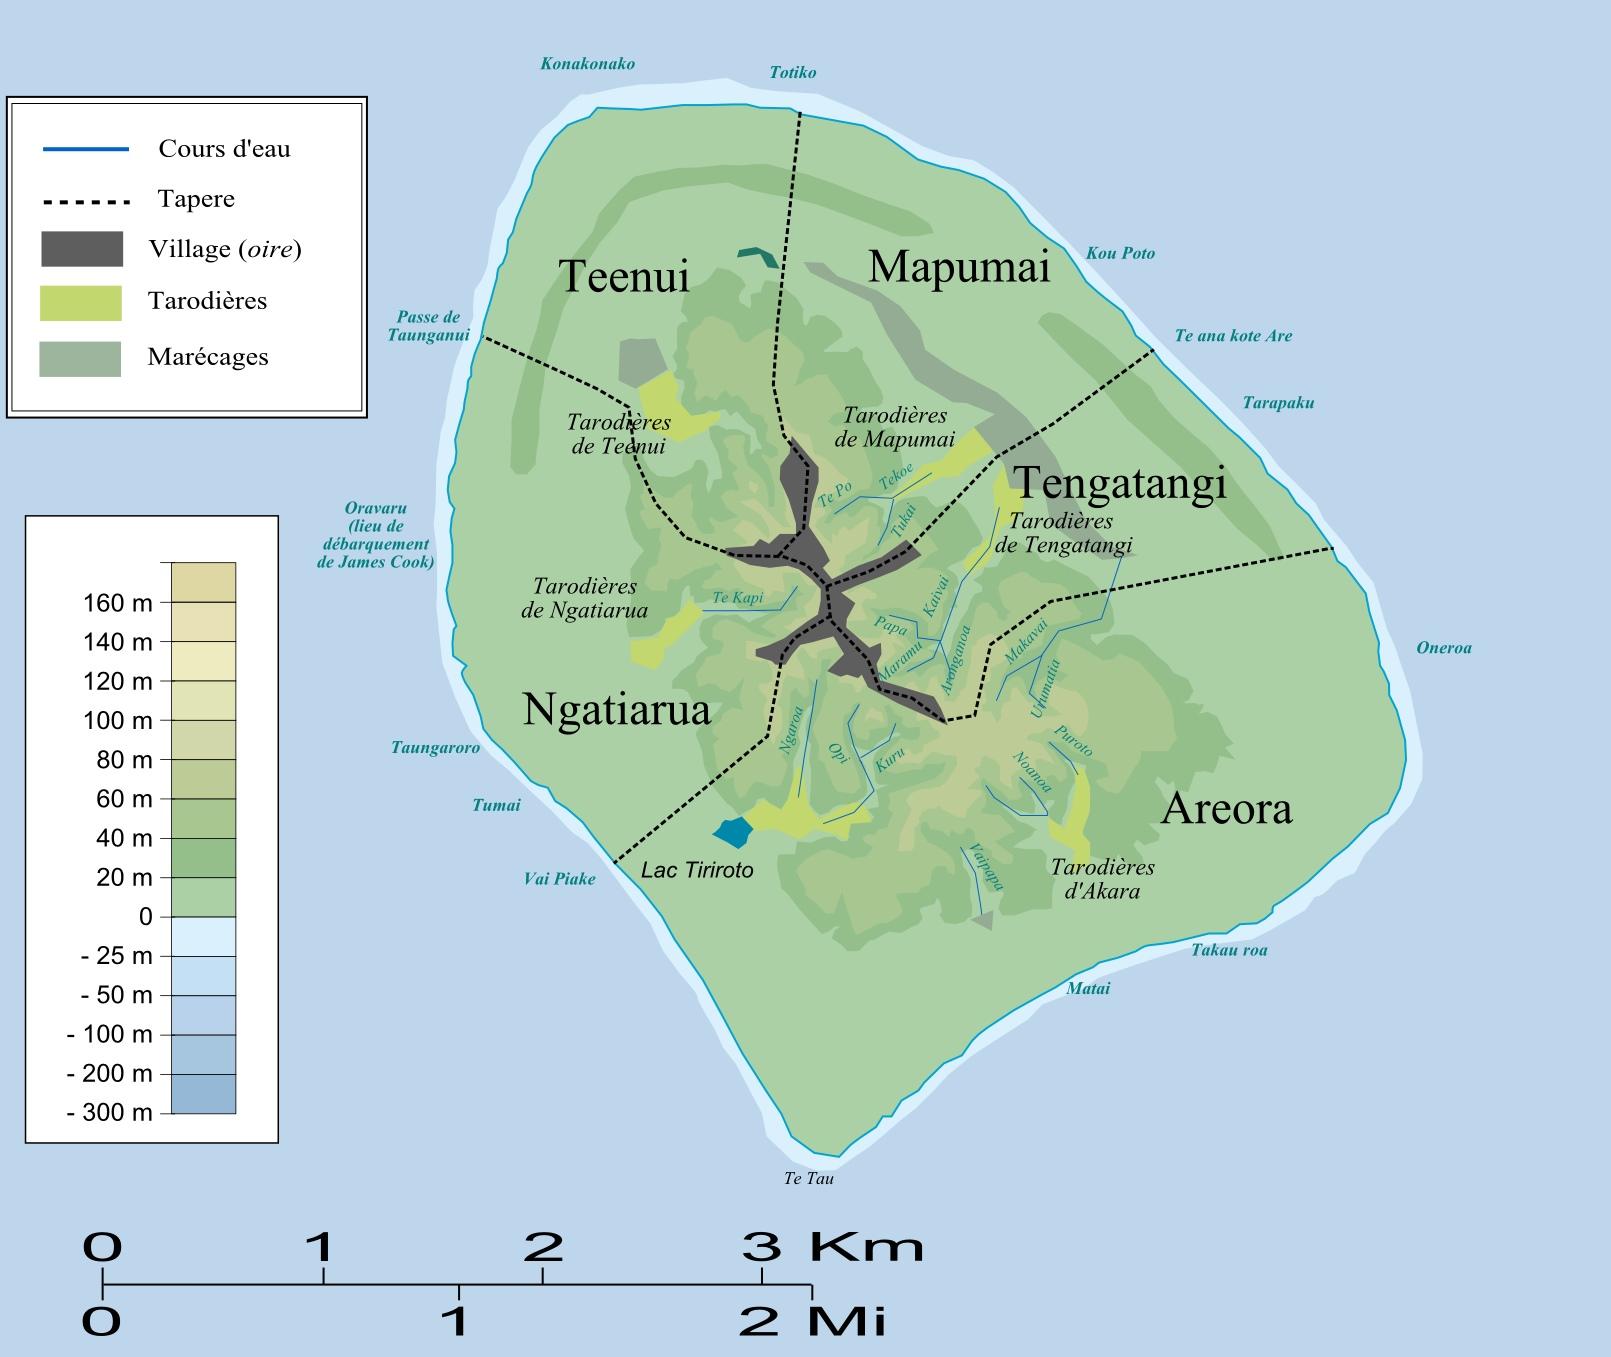 Cook Islands Maps Maps Of Cook Islands - Cook islands map